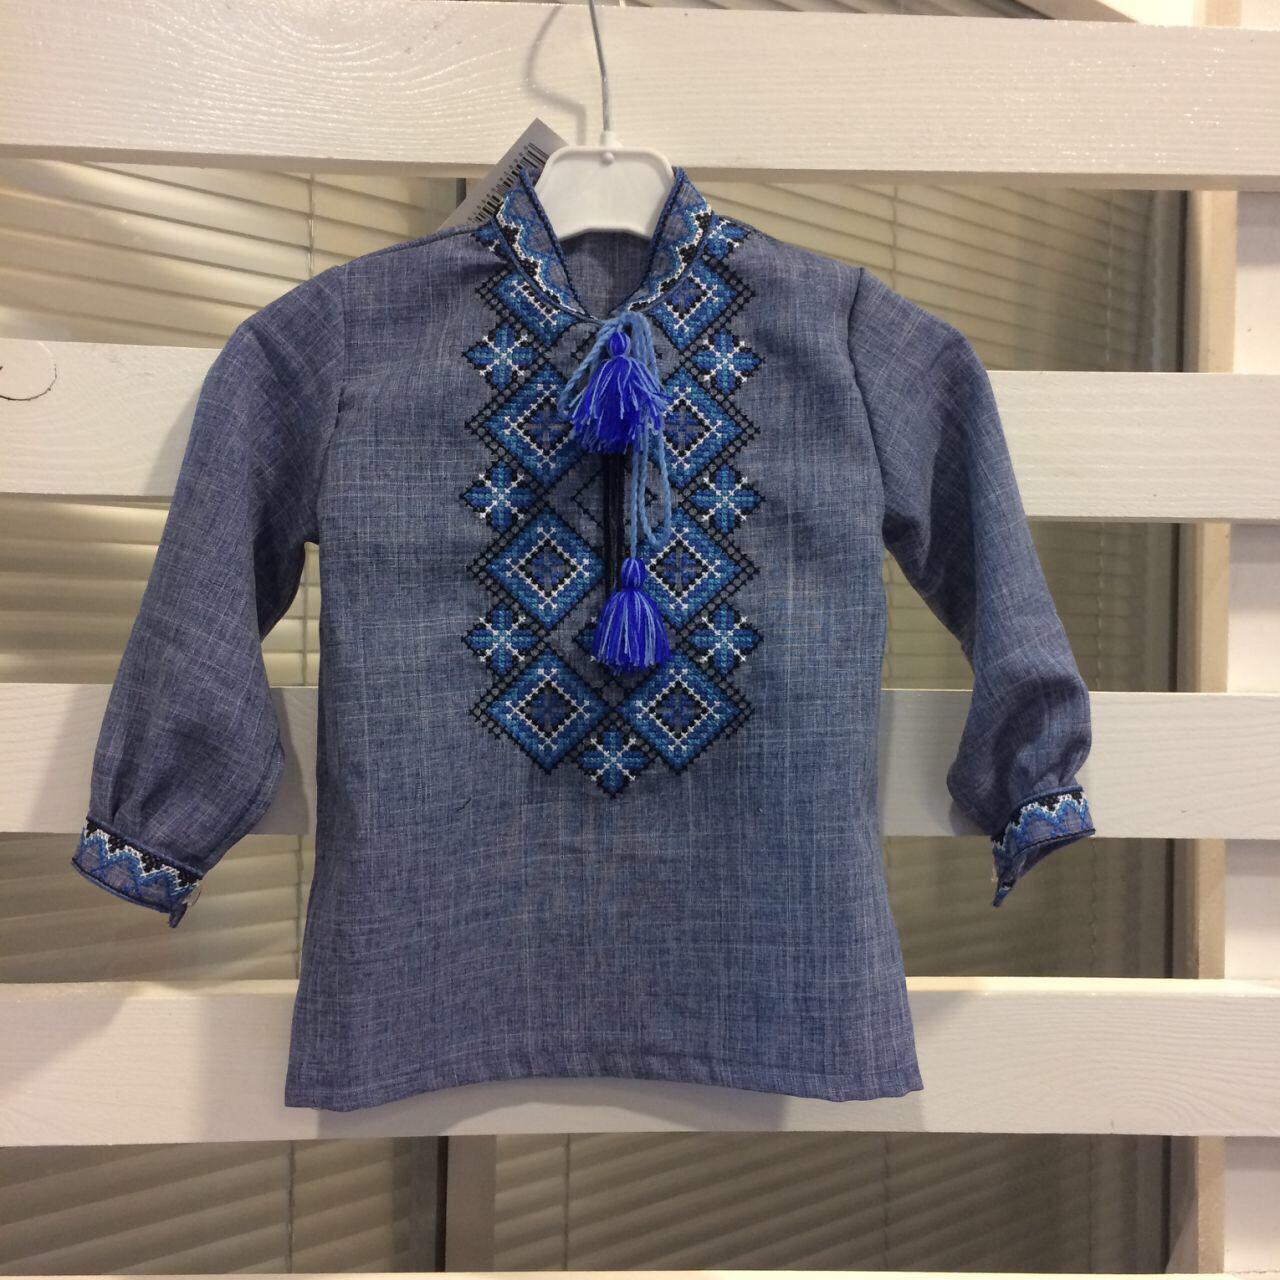 Подростковая джинсовая сорочка с вышивкой для мальчика